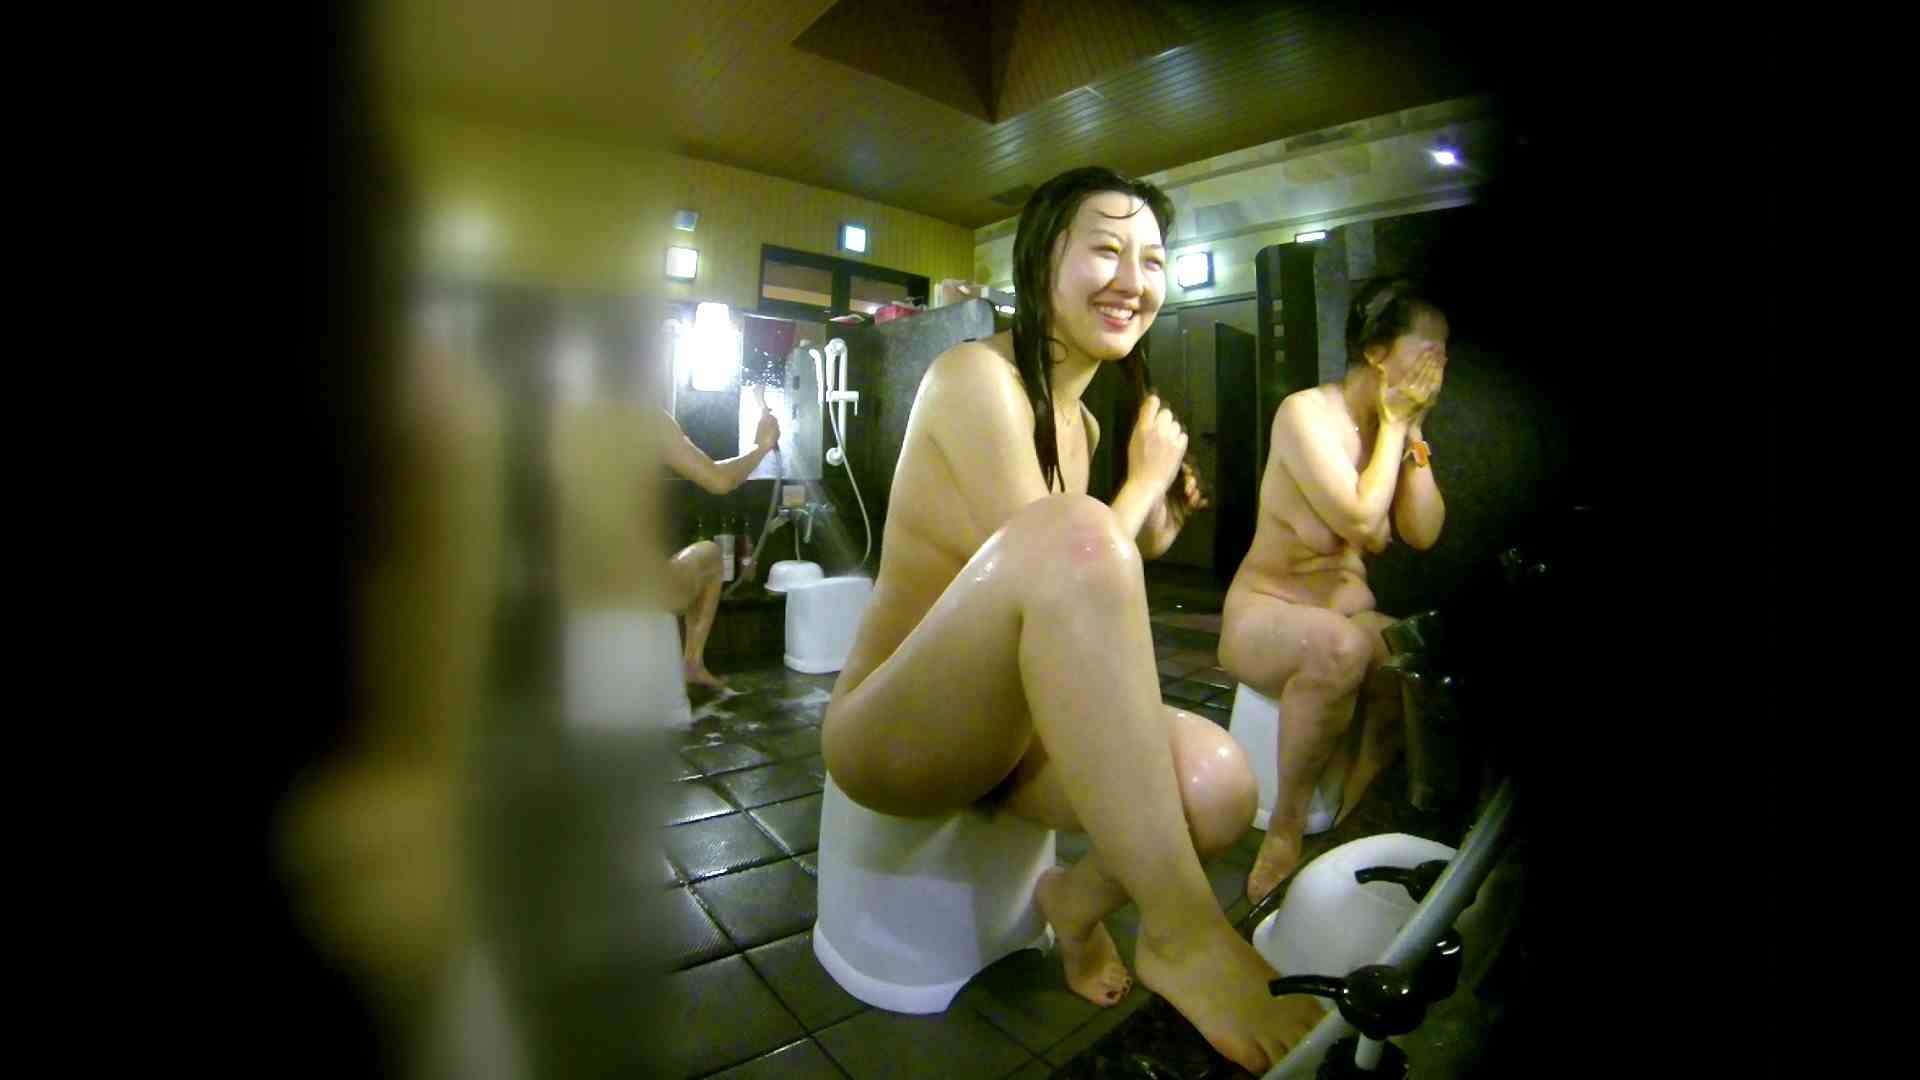 洗い場!右足の位置がいいですね。陰毛もっさり! 銭湯  113pic 42